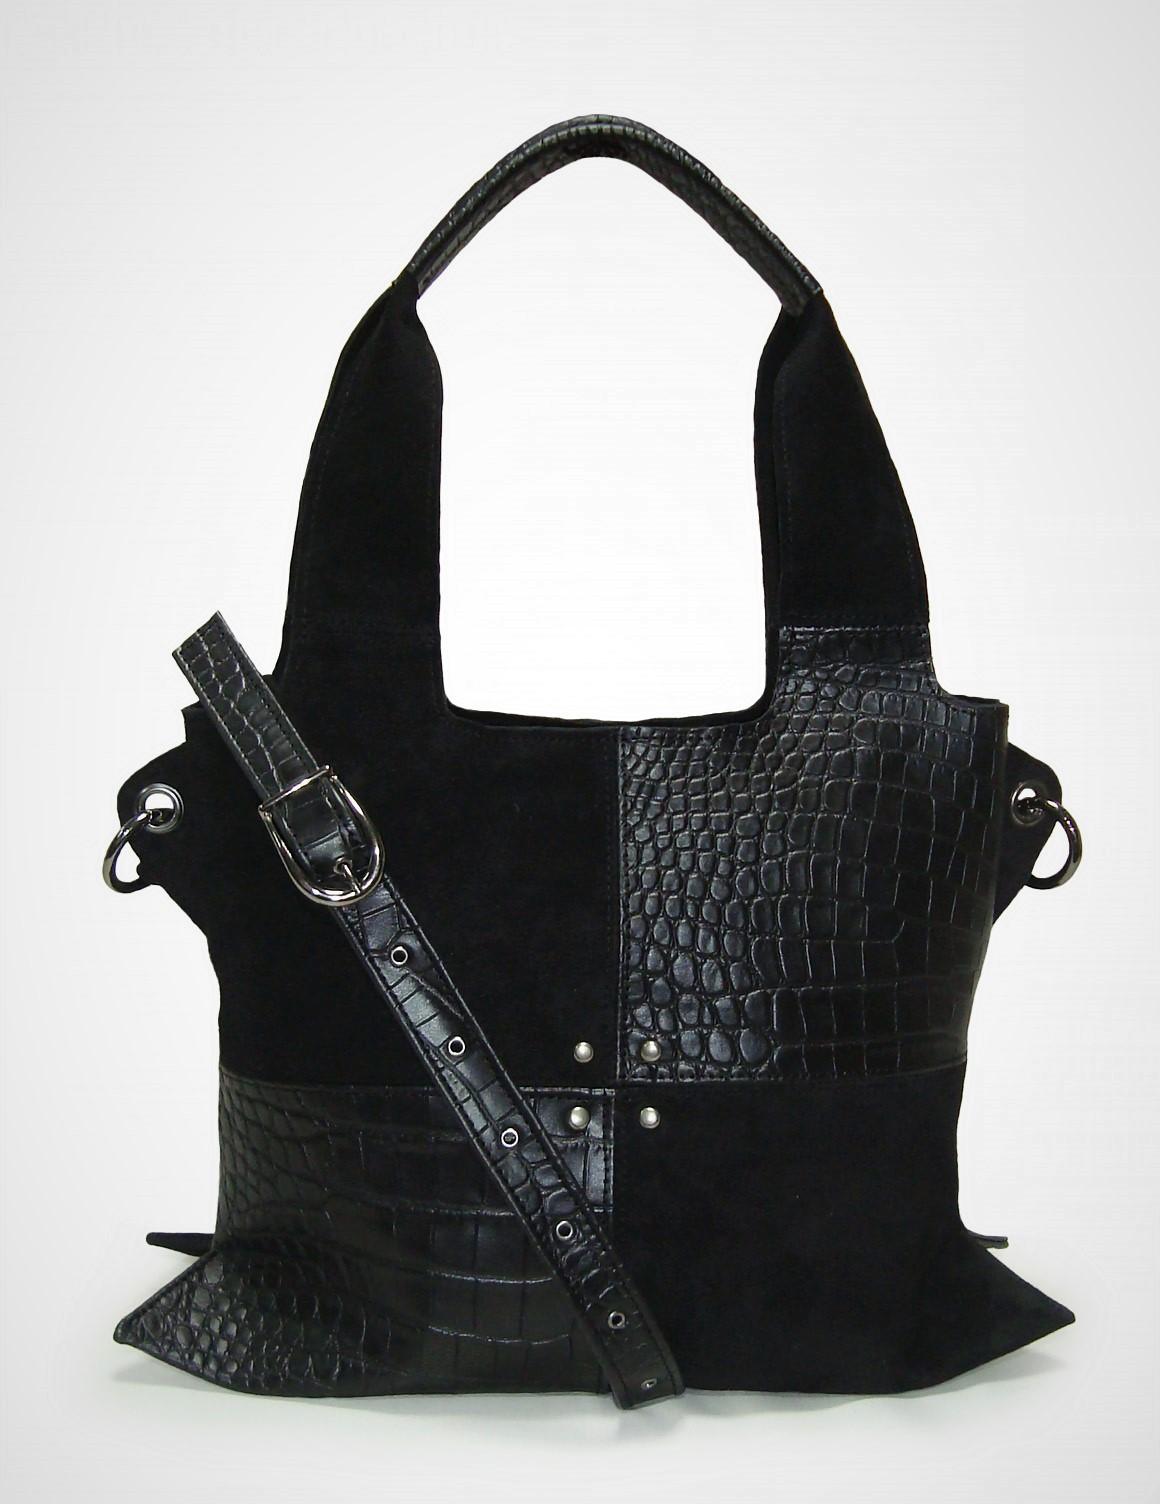 Сумка Модель № 39Сумки и др. изделия из кожи<br>Высота сумки:29 см<br>Ширина сумки:36 см<br>Ширина дна:10 см<br>Длинна ручек:56 см<br>Длинна ремня:90-115 см<br><br>Тип: Сумка<br>Размер: -<br>Материал: Натуральная кожа